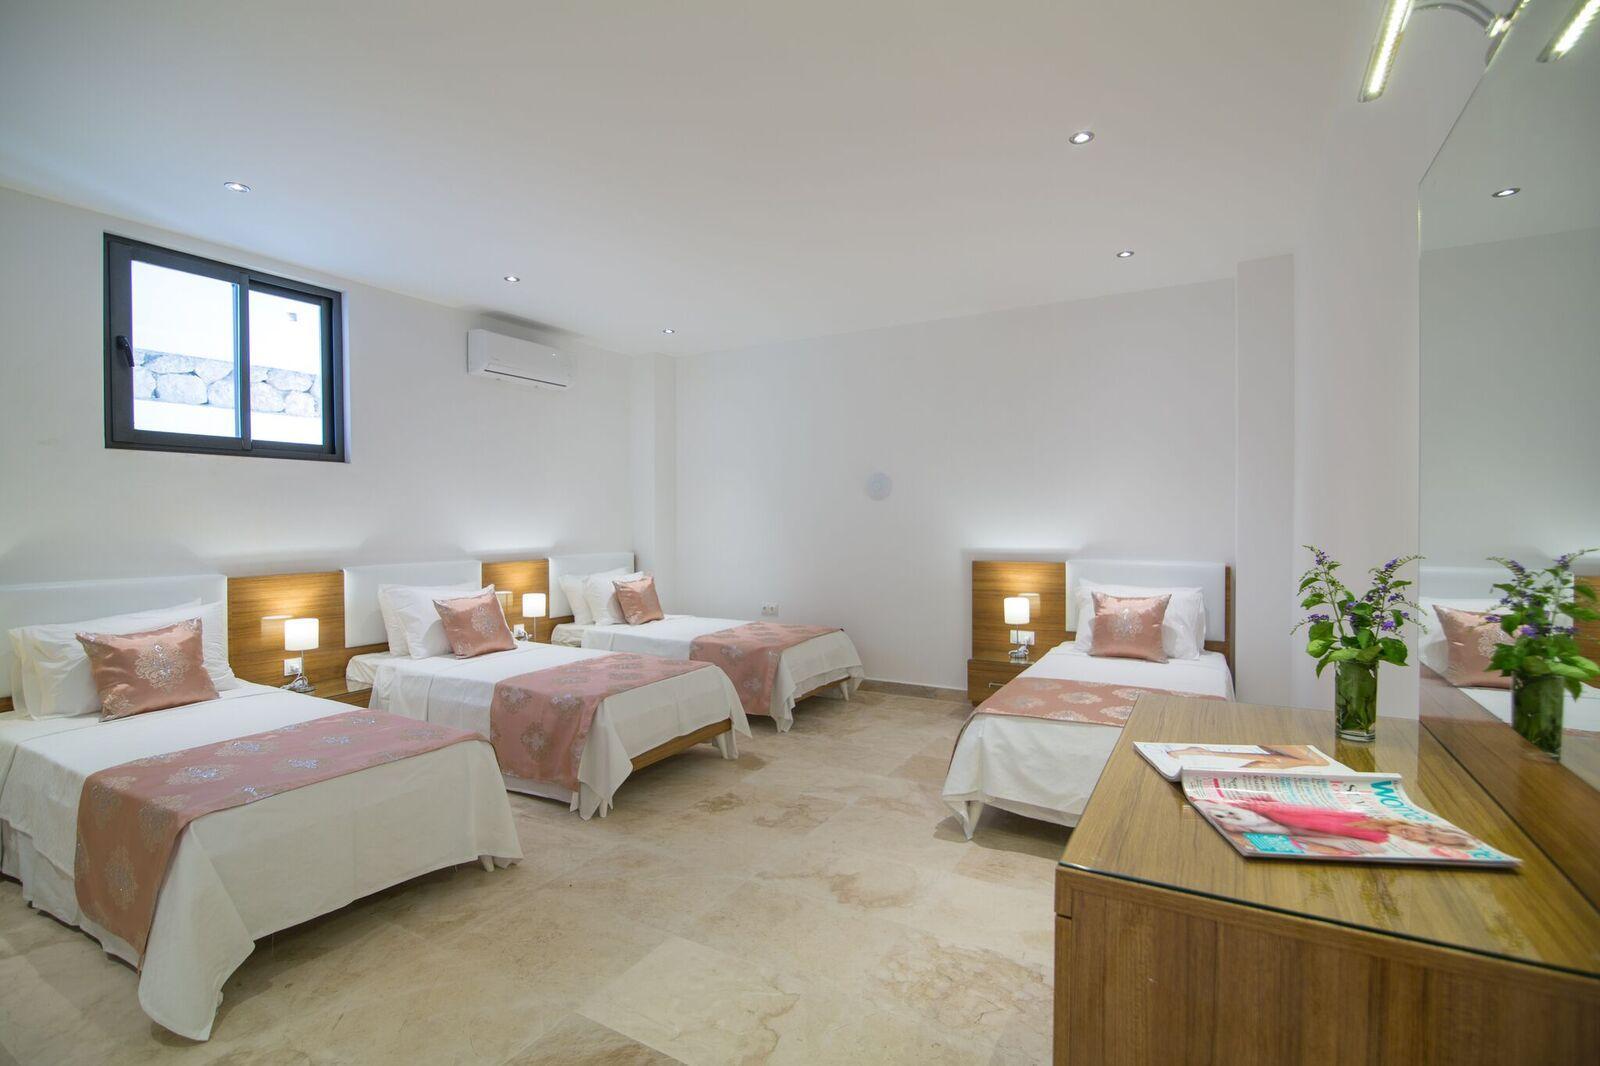 Bedroom 5 - Quad Room - Basement Floor